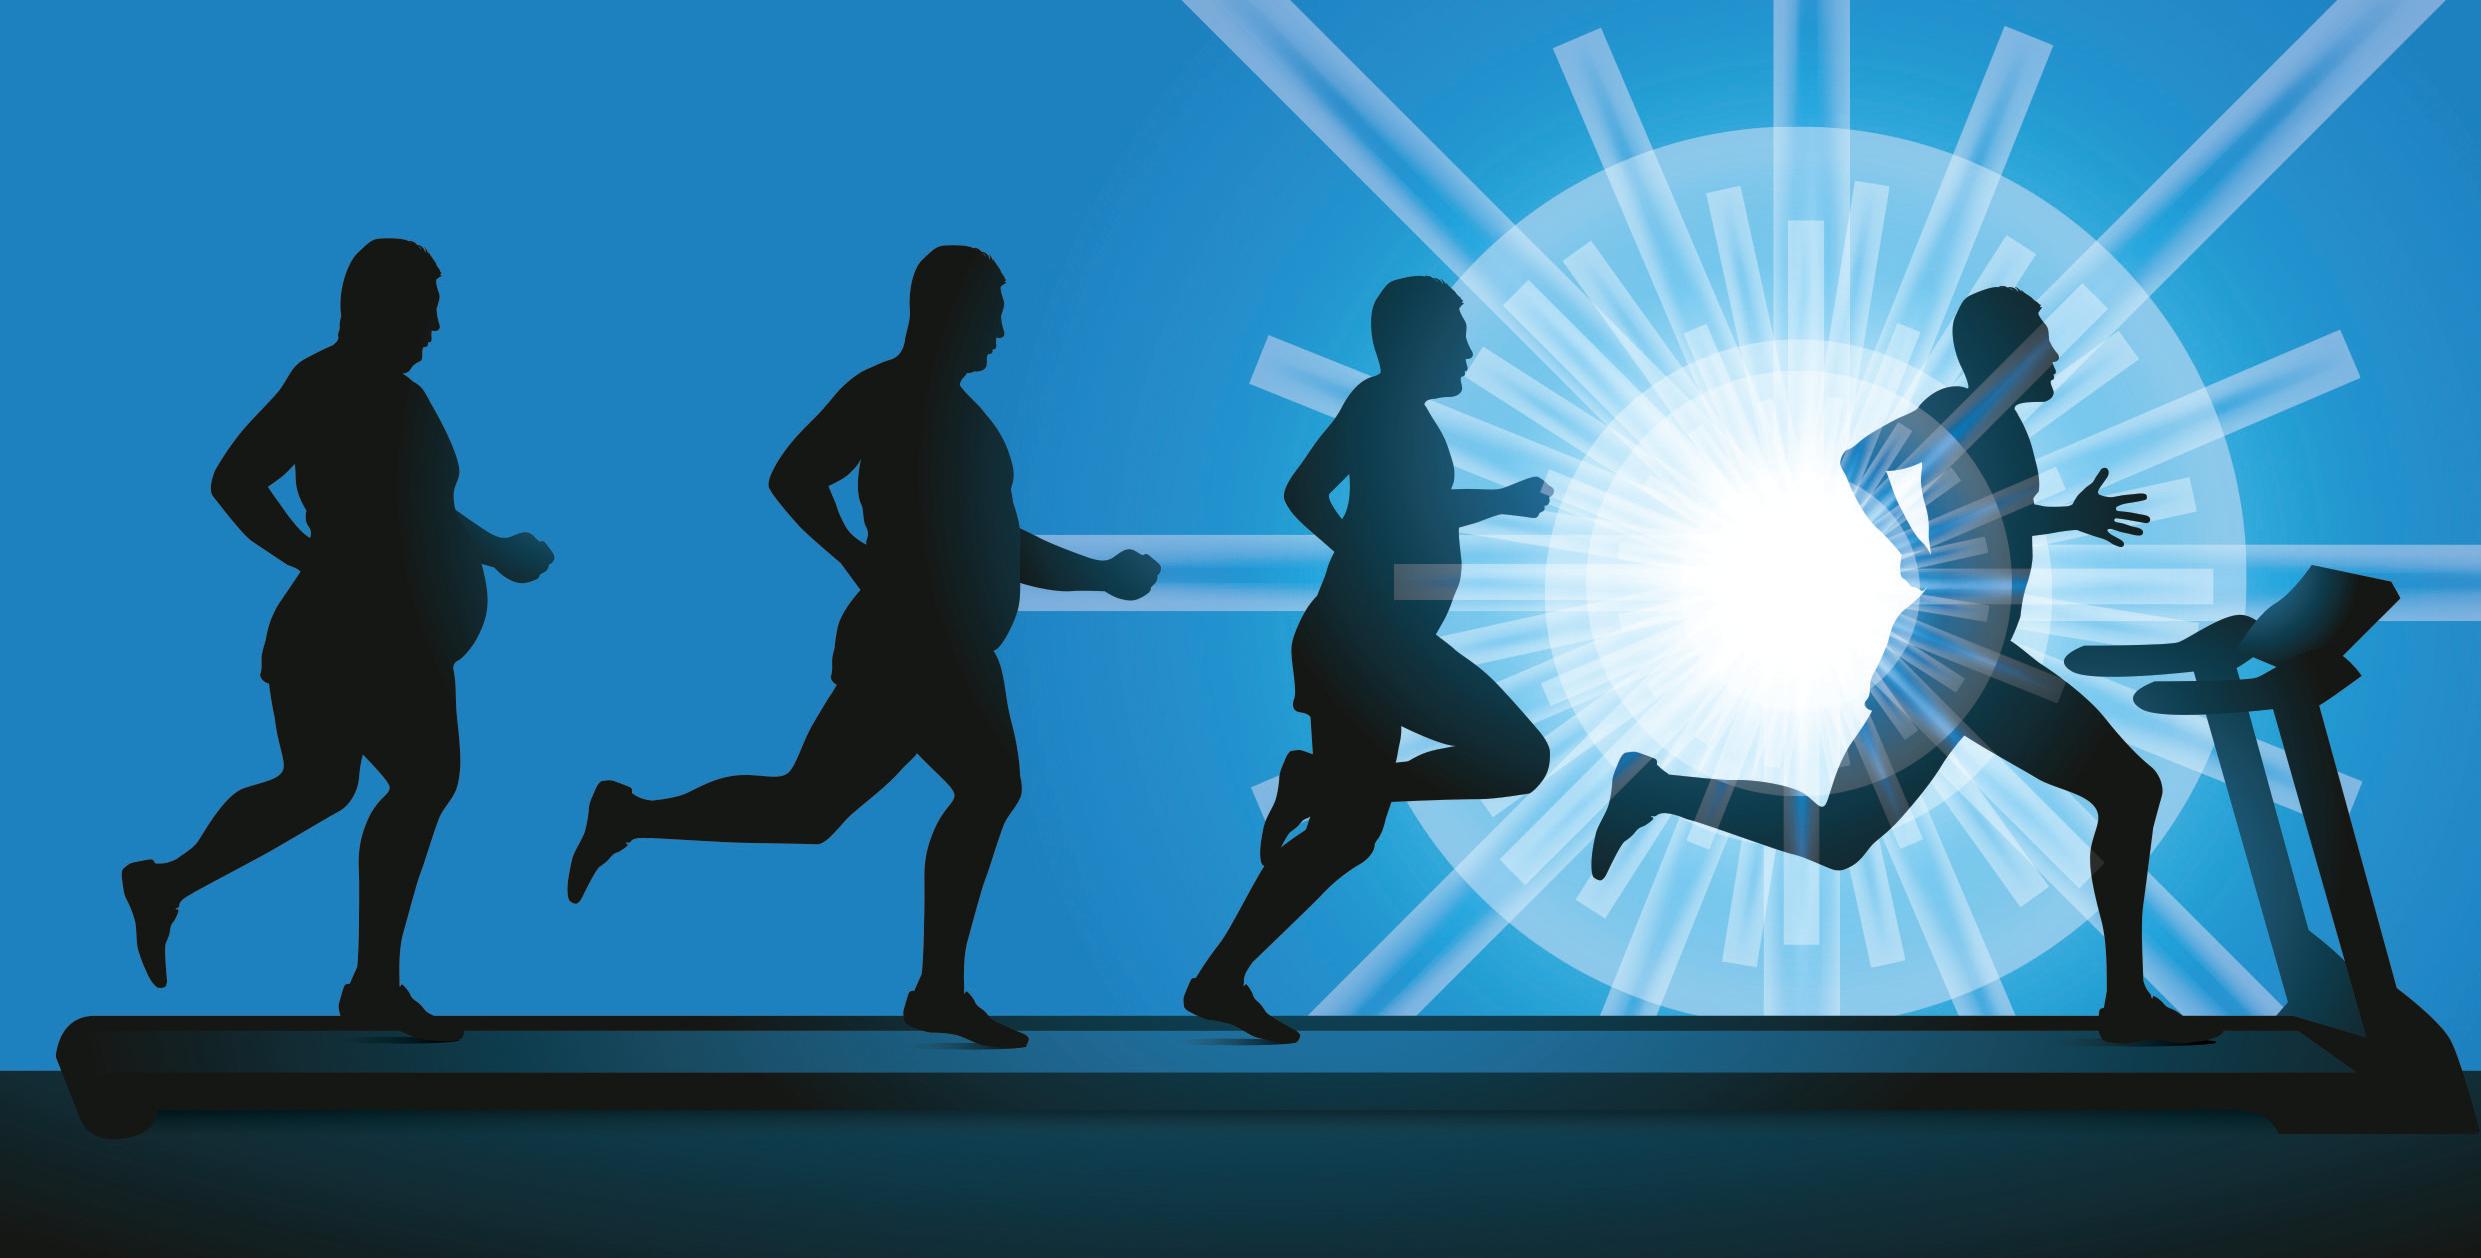 Fitnessstudio und Gewichtsverlust